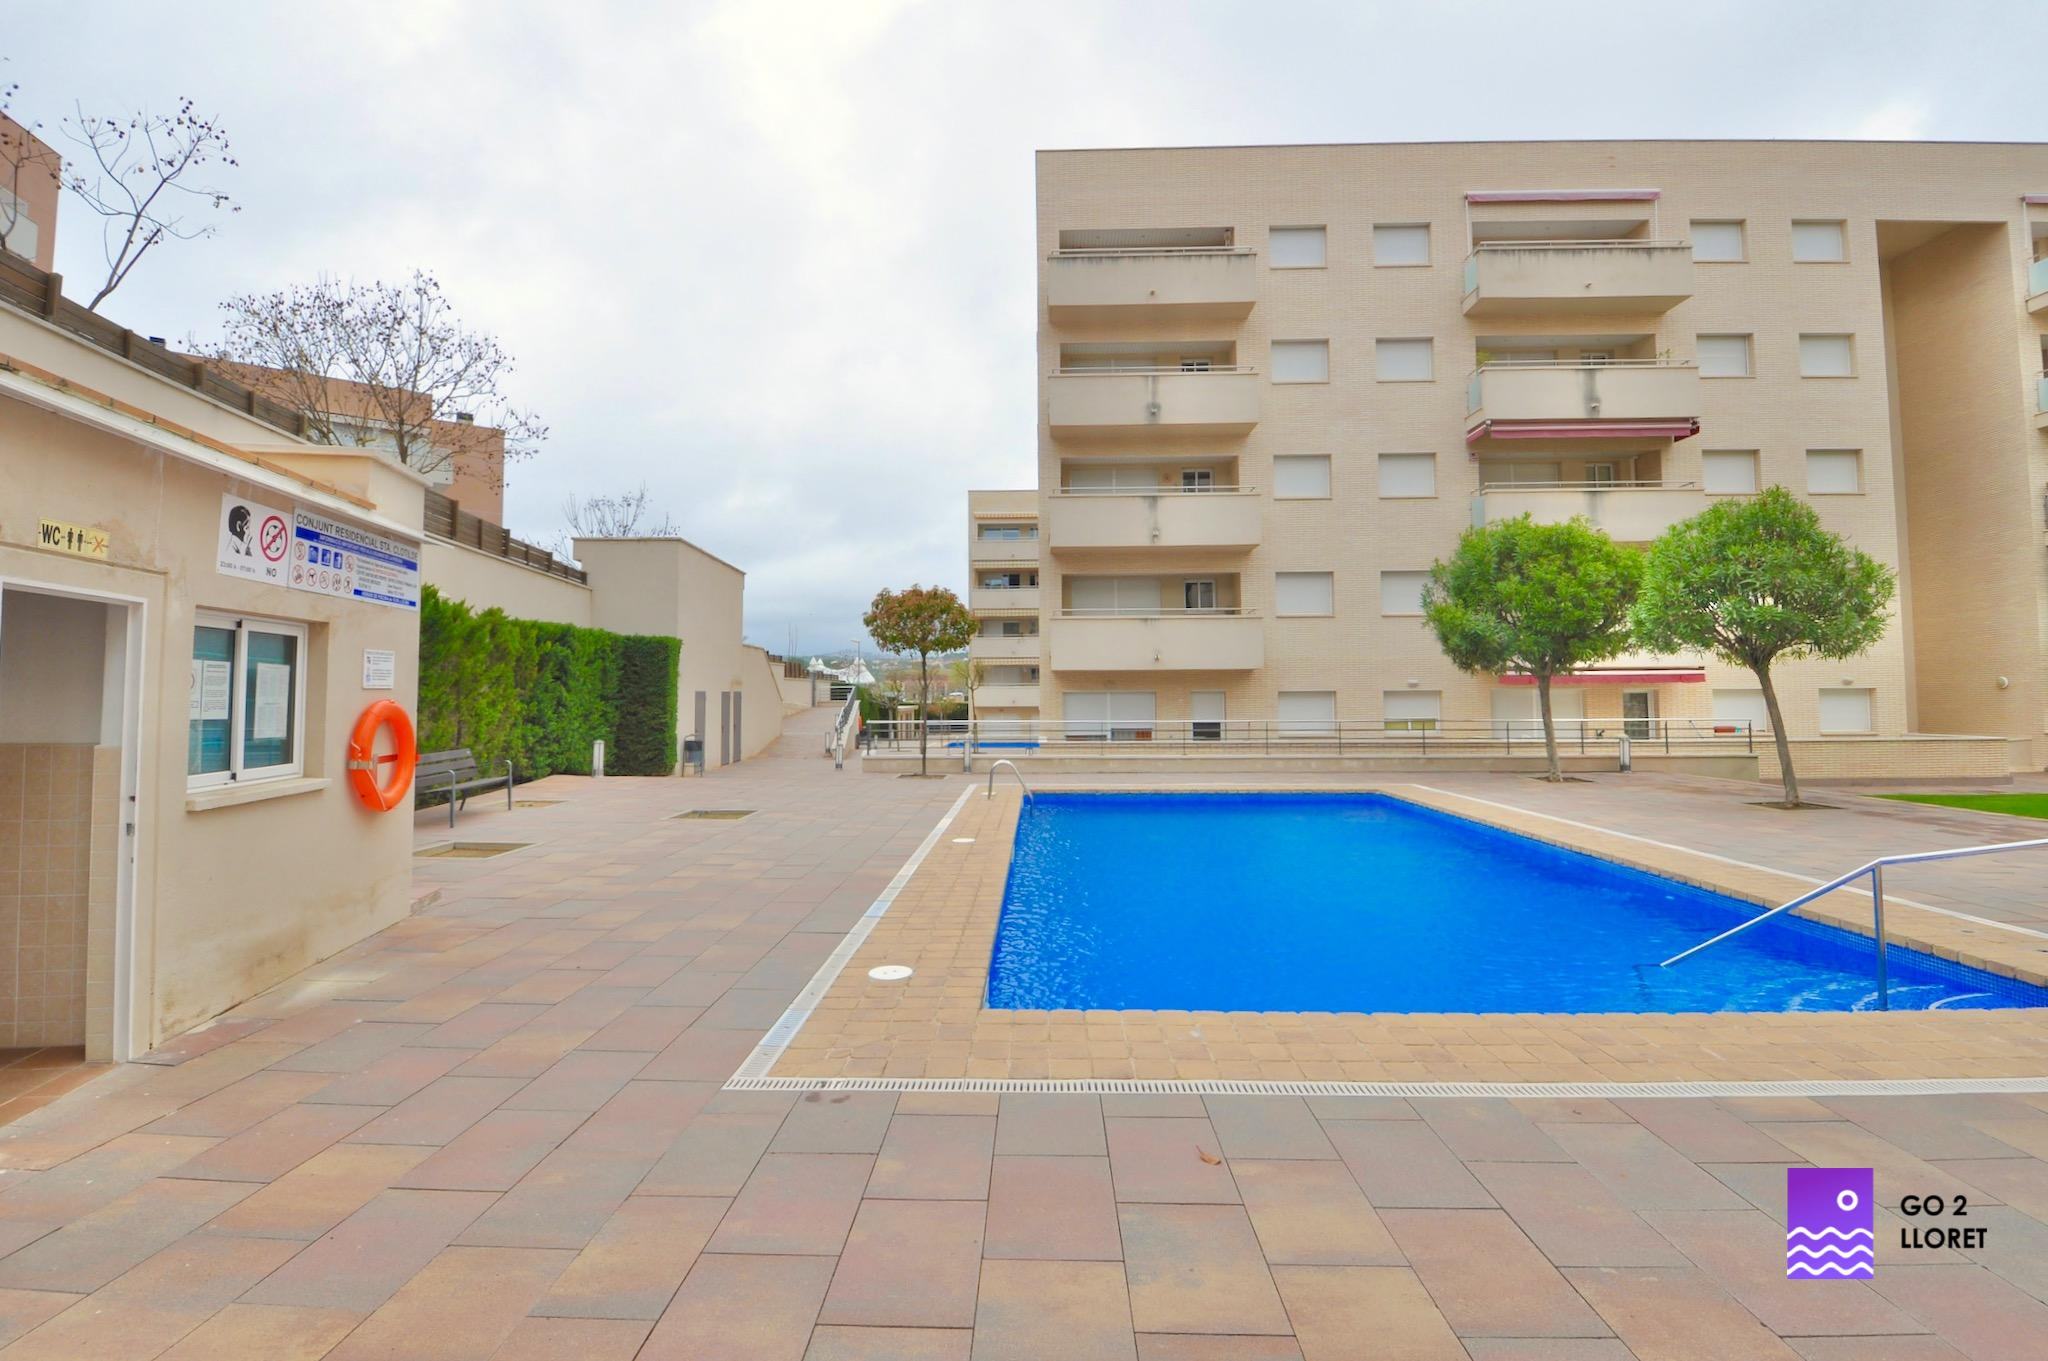 Buying a Property in Lloret de Mar